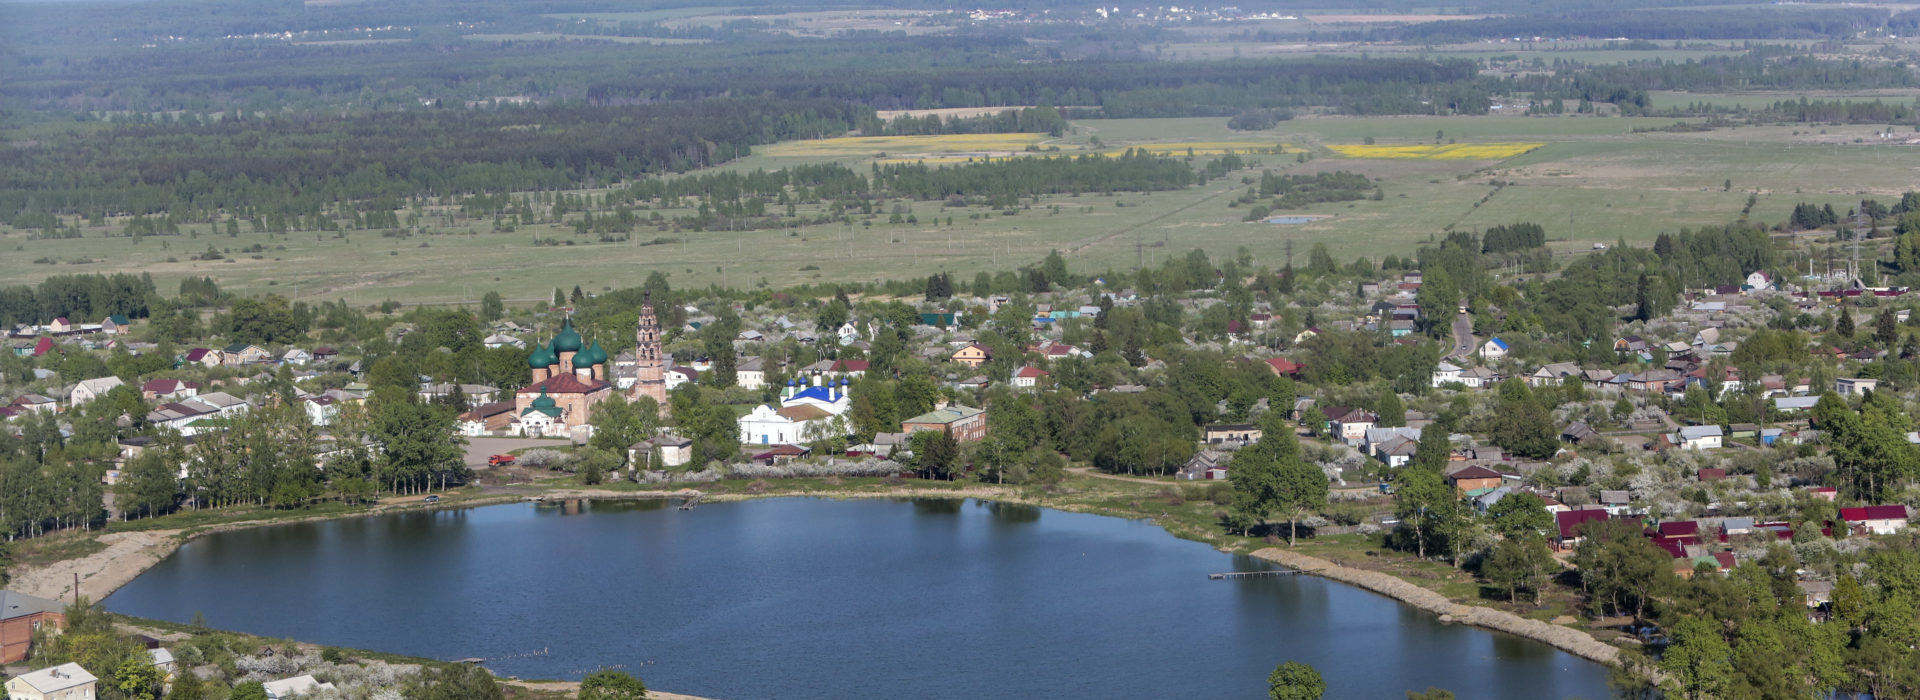 Лето в Гаврилов-Яме: на все руки без скуки!